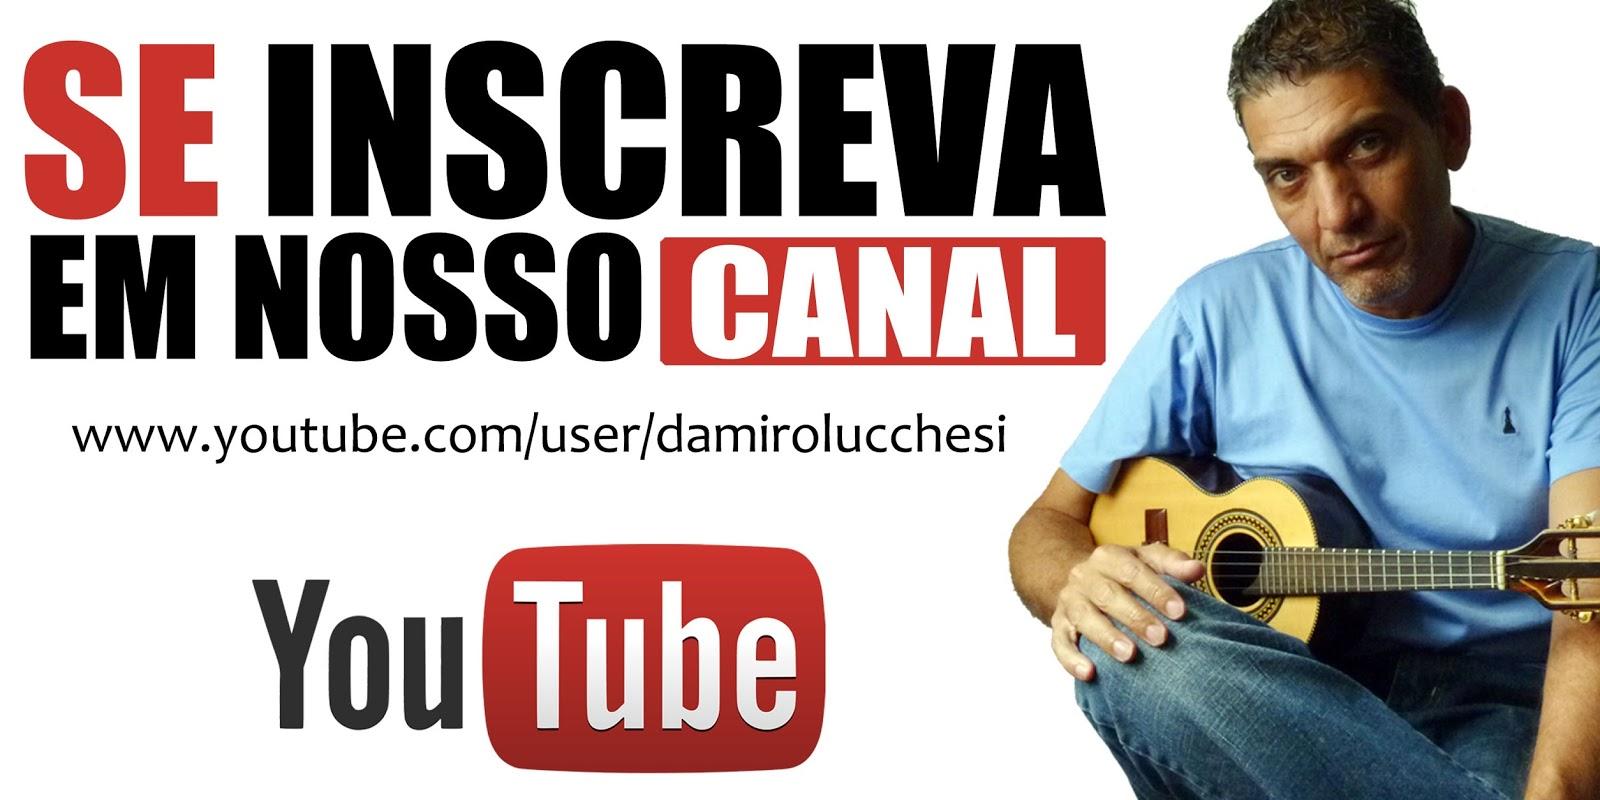 Se inscreva em nosso Canal do Youtube  282e544c12609